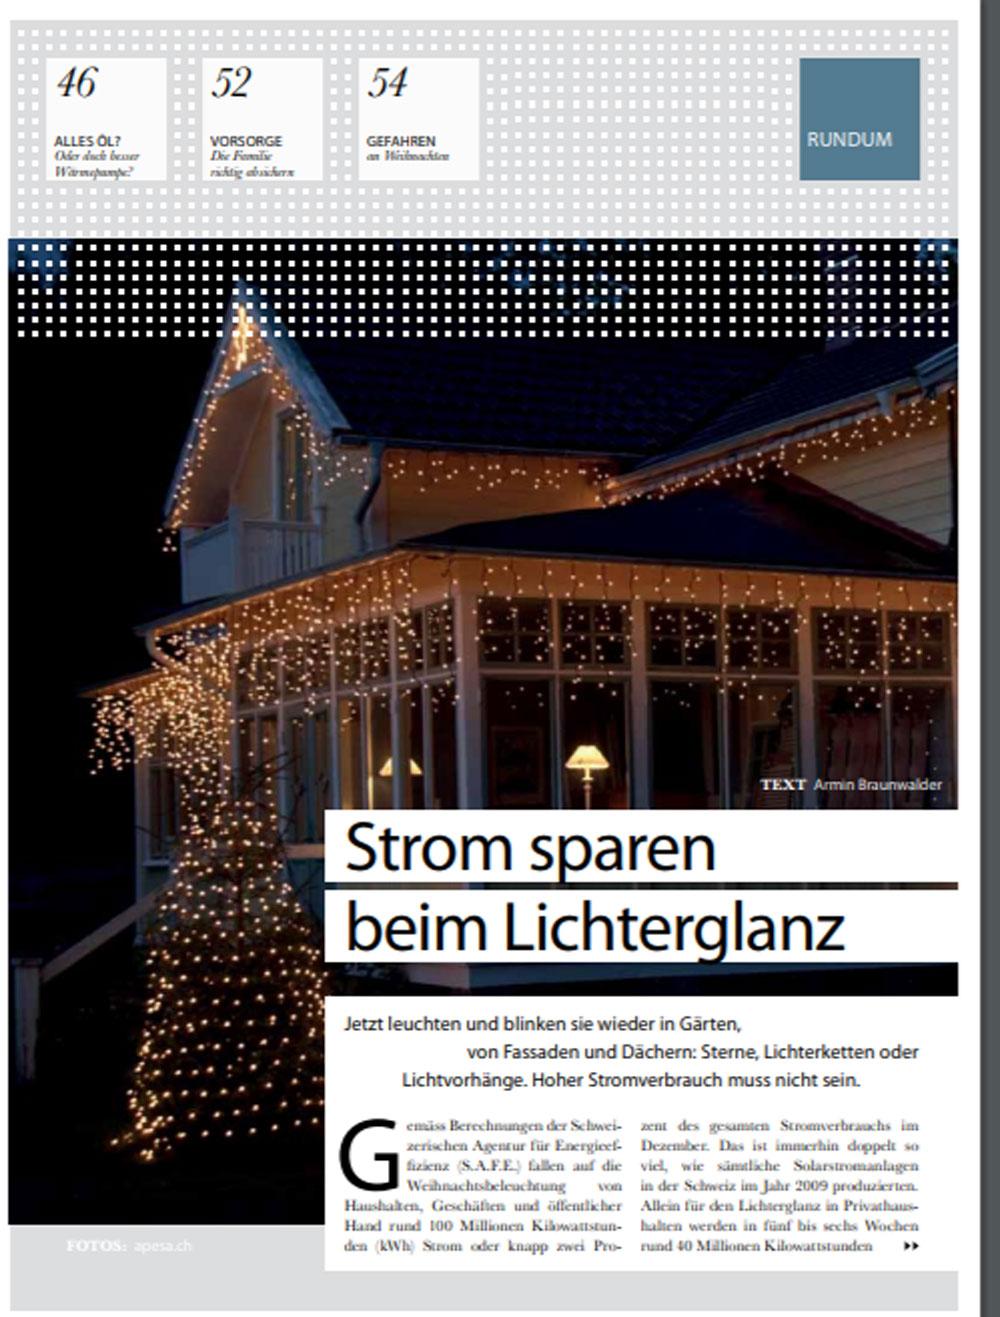 Pressetext aus Haus Club Magazin über die APESA-Weihnachtsbeleuchtung